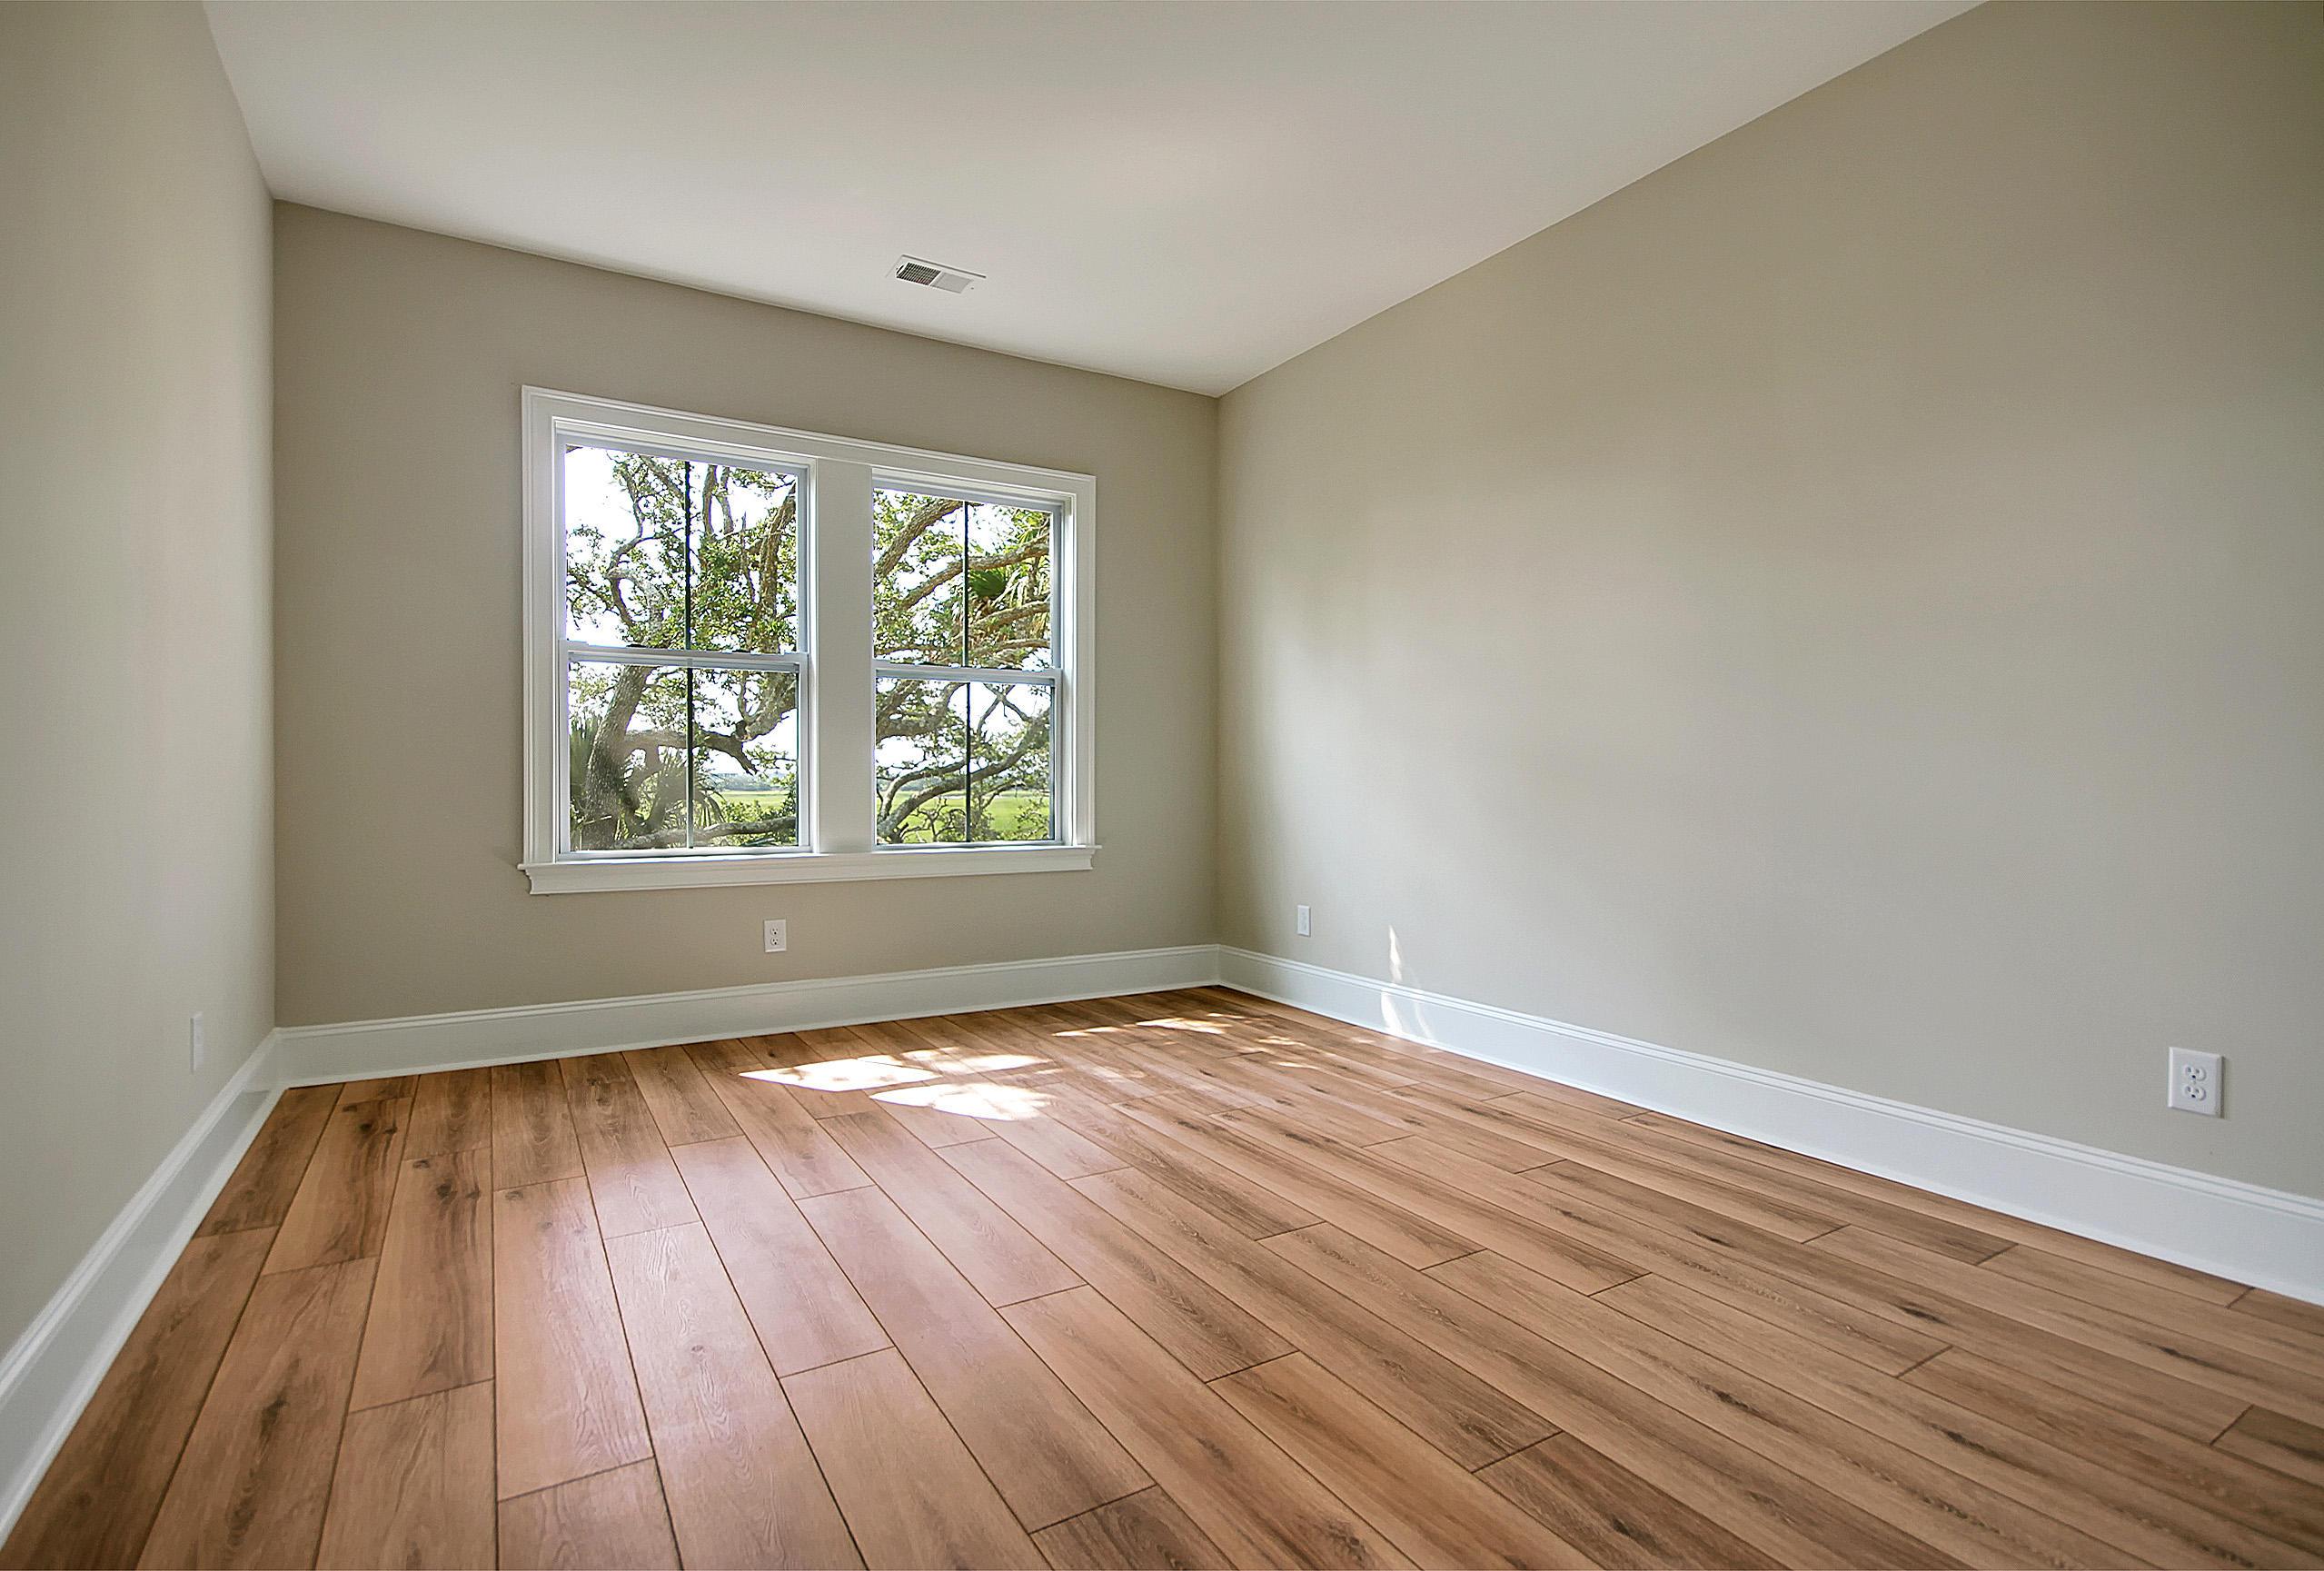 Kings Flats Homes For Sale - 121 Alder, Charleston, SC - 27